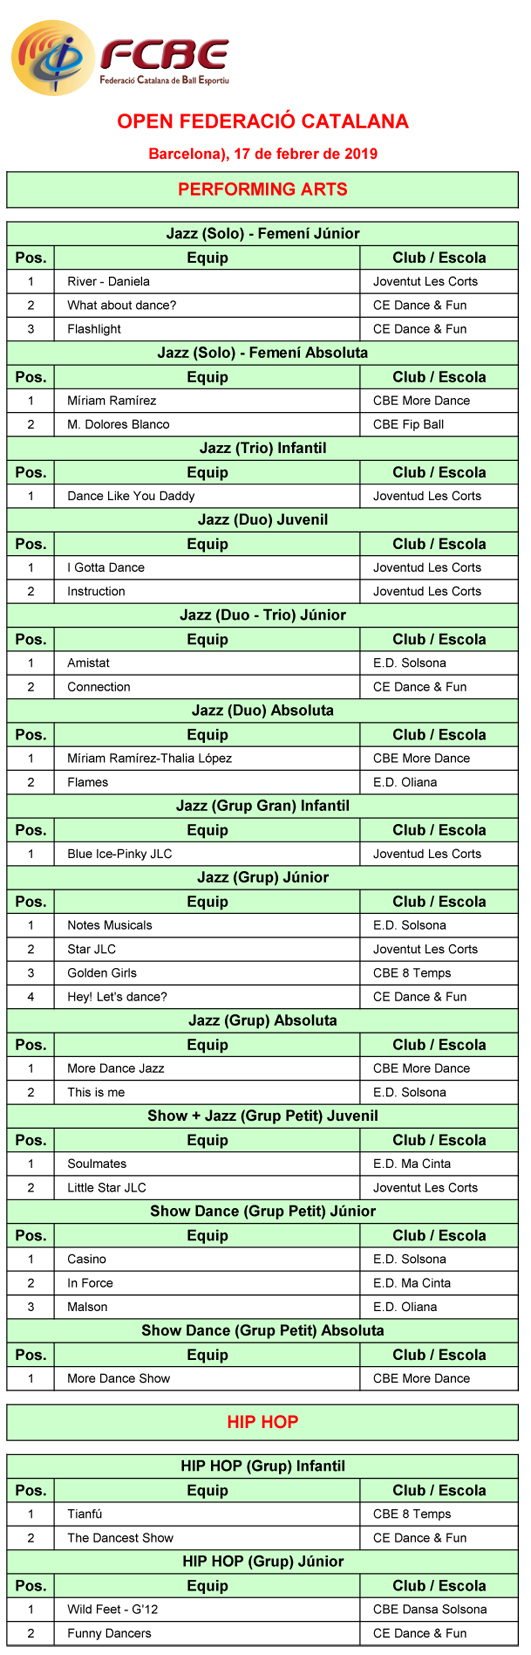 2a Prova Circuit Ball Esportiu Català 2019. Barcelona. Resultats   | Federació Catalana de Ball Esportiu